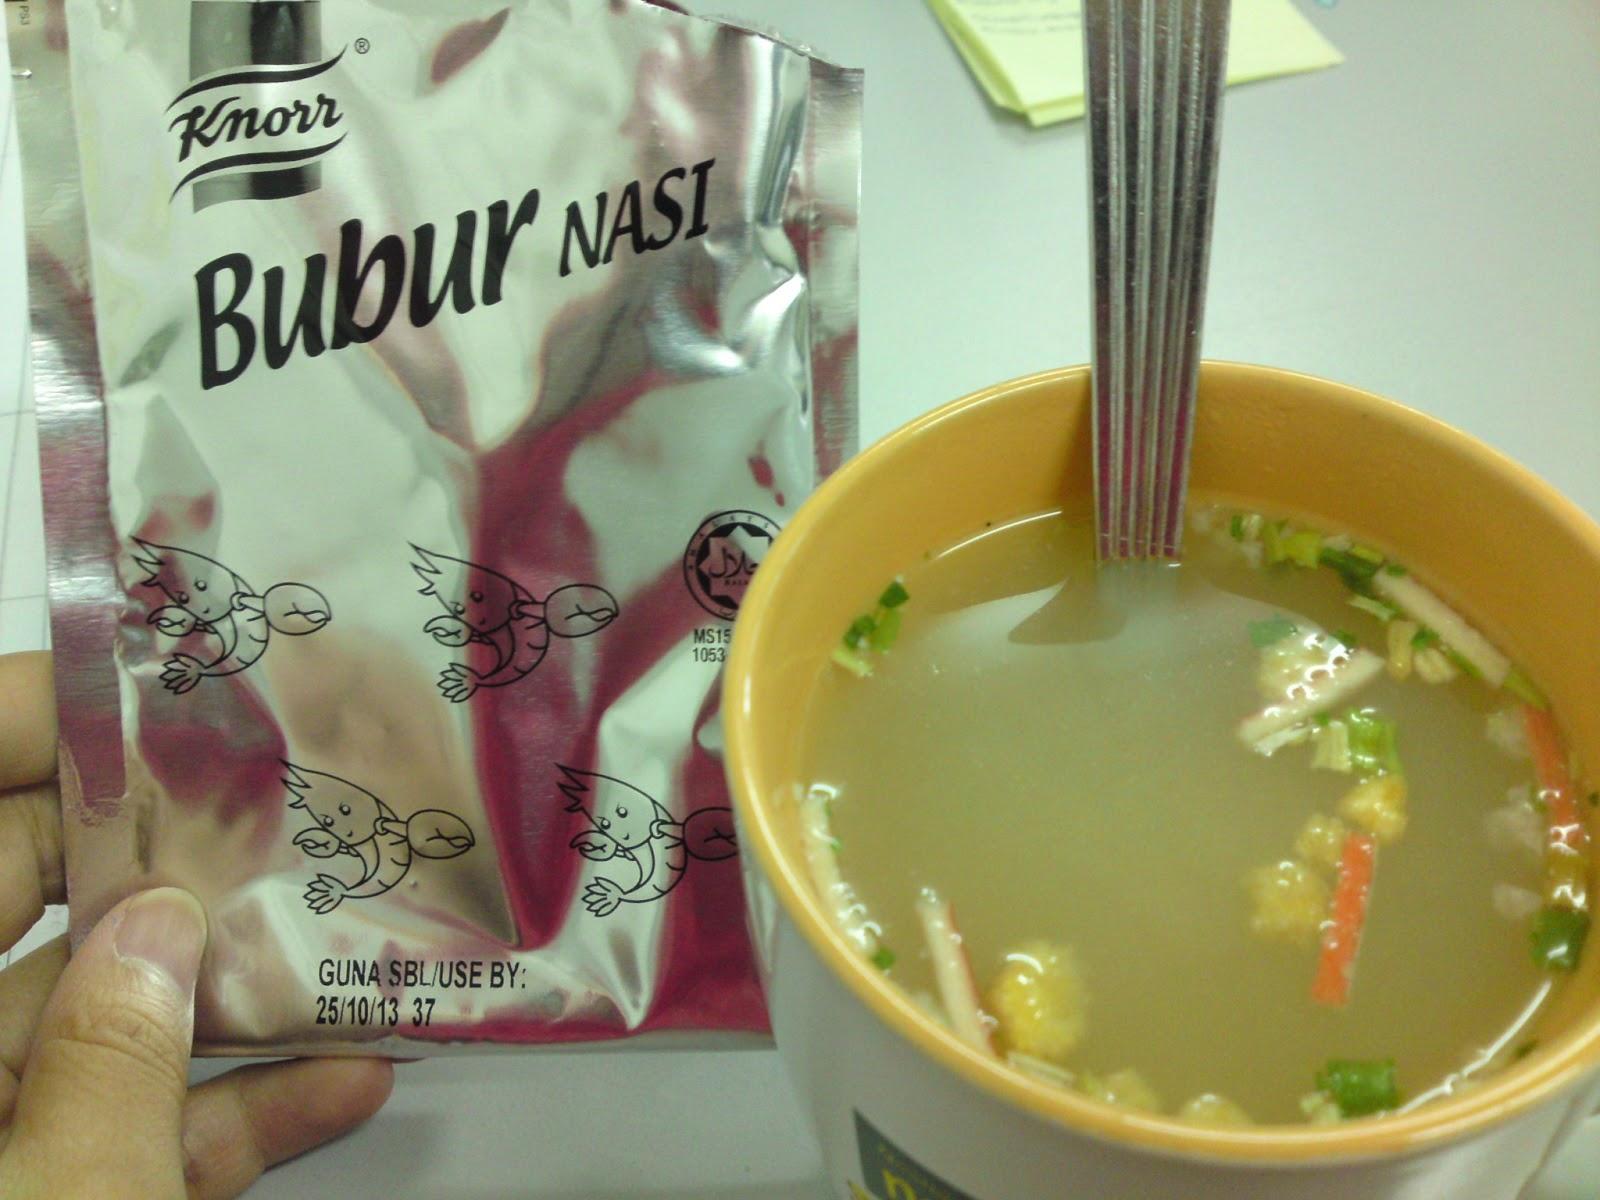 Dannia Addriana: BuBur Nasi Knorr